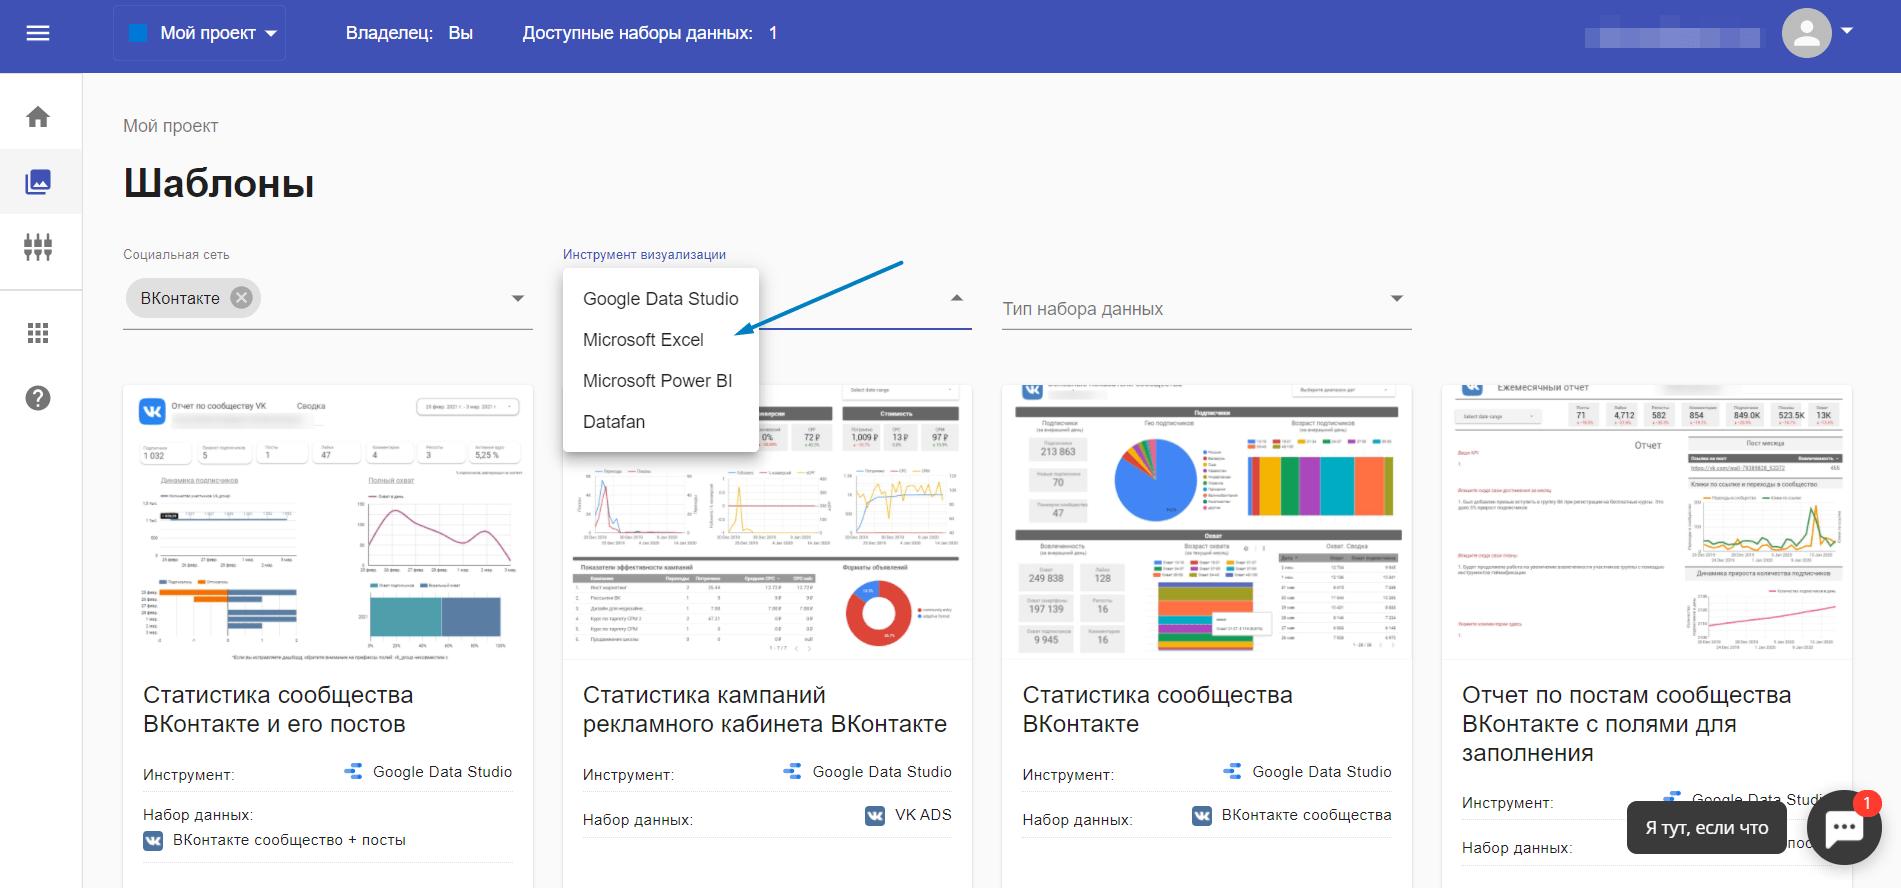 Мы выгружаем данные в Excel, тип набора данных — «ВКонтакте сообщества»